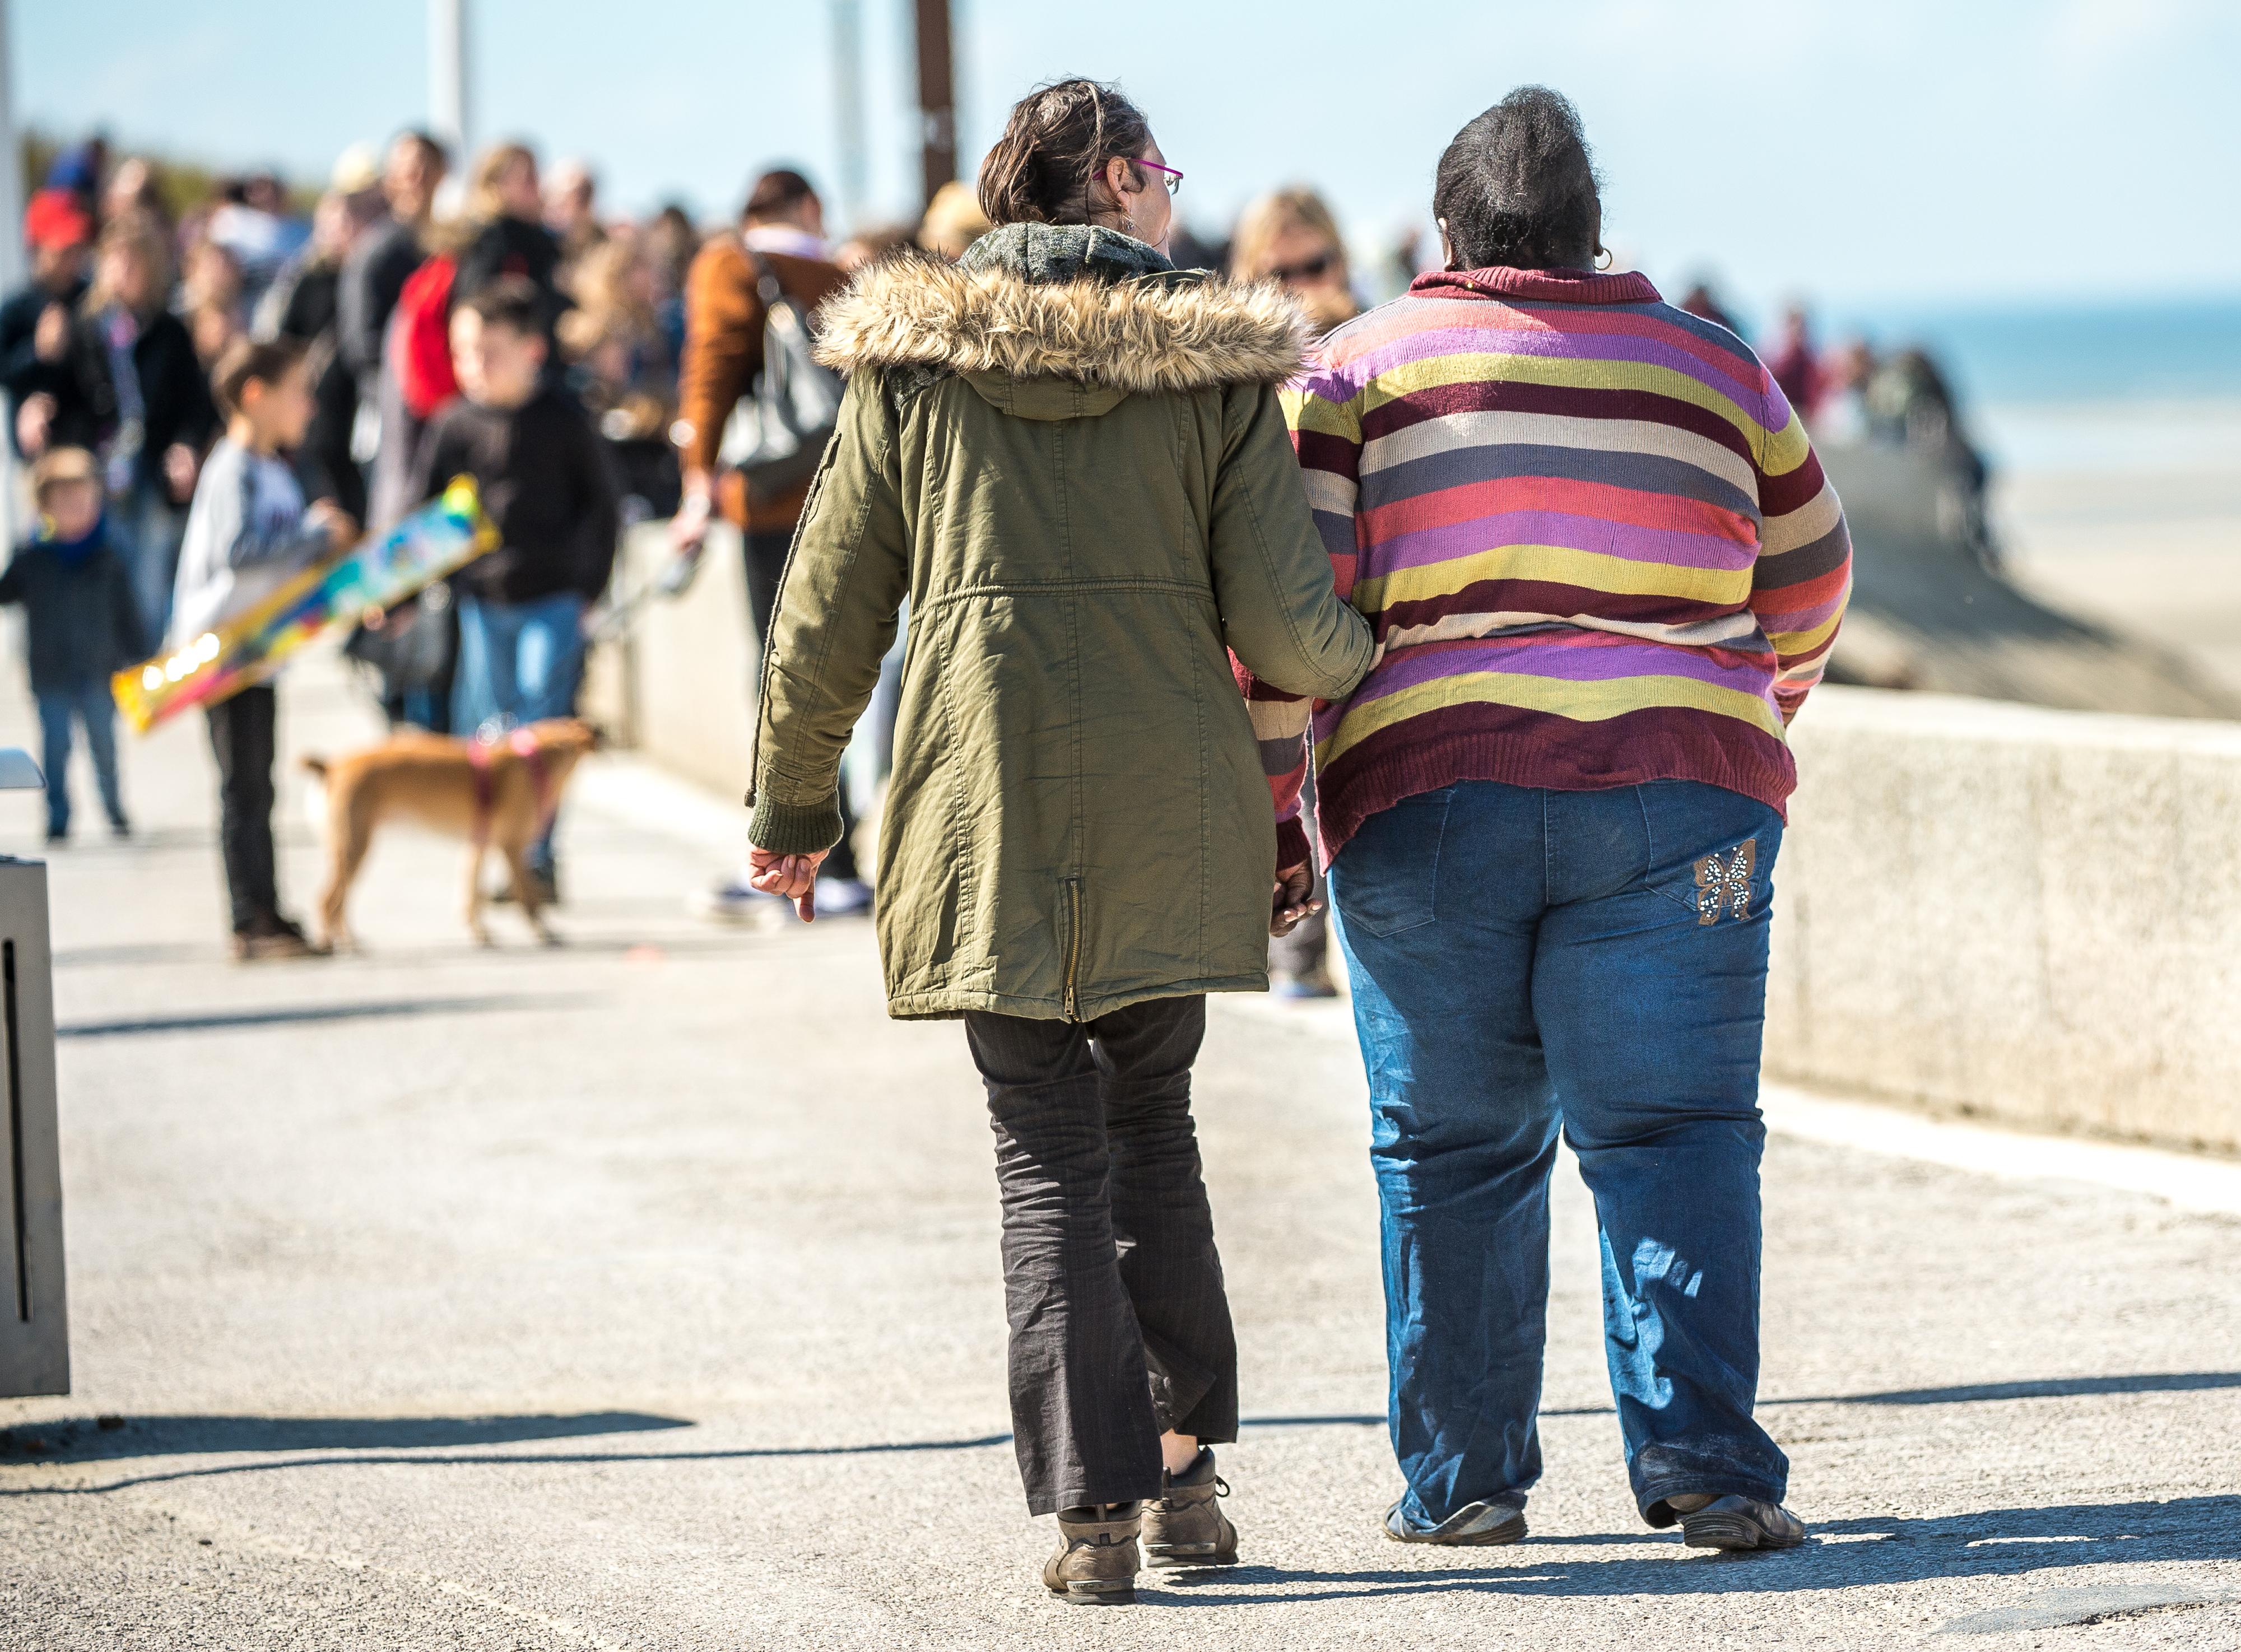 Excesso de peso aumenta risco de mais tipos de cancro do que se pensava